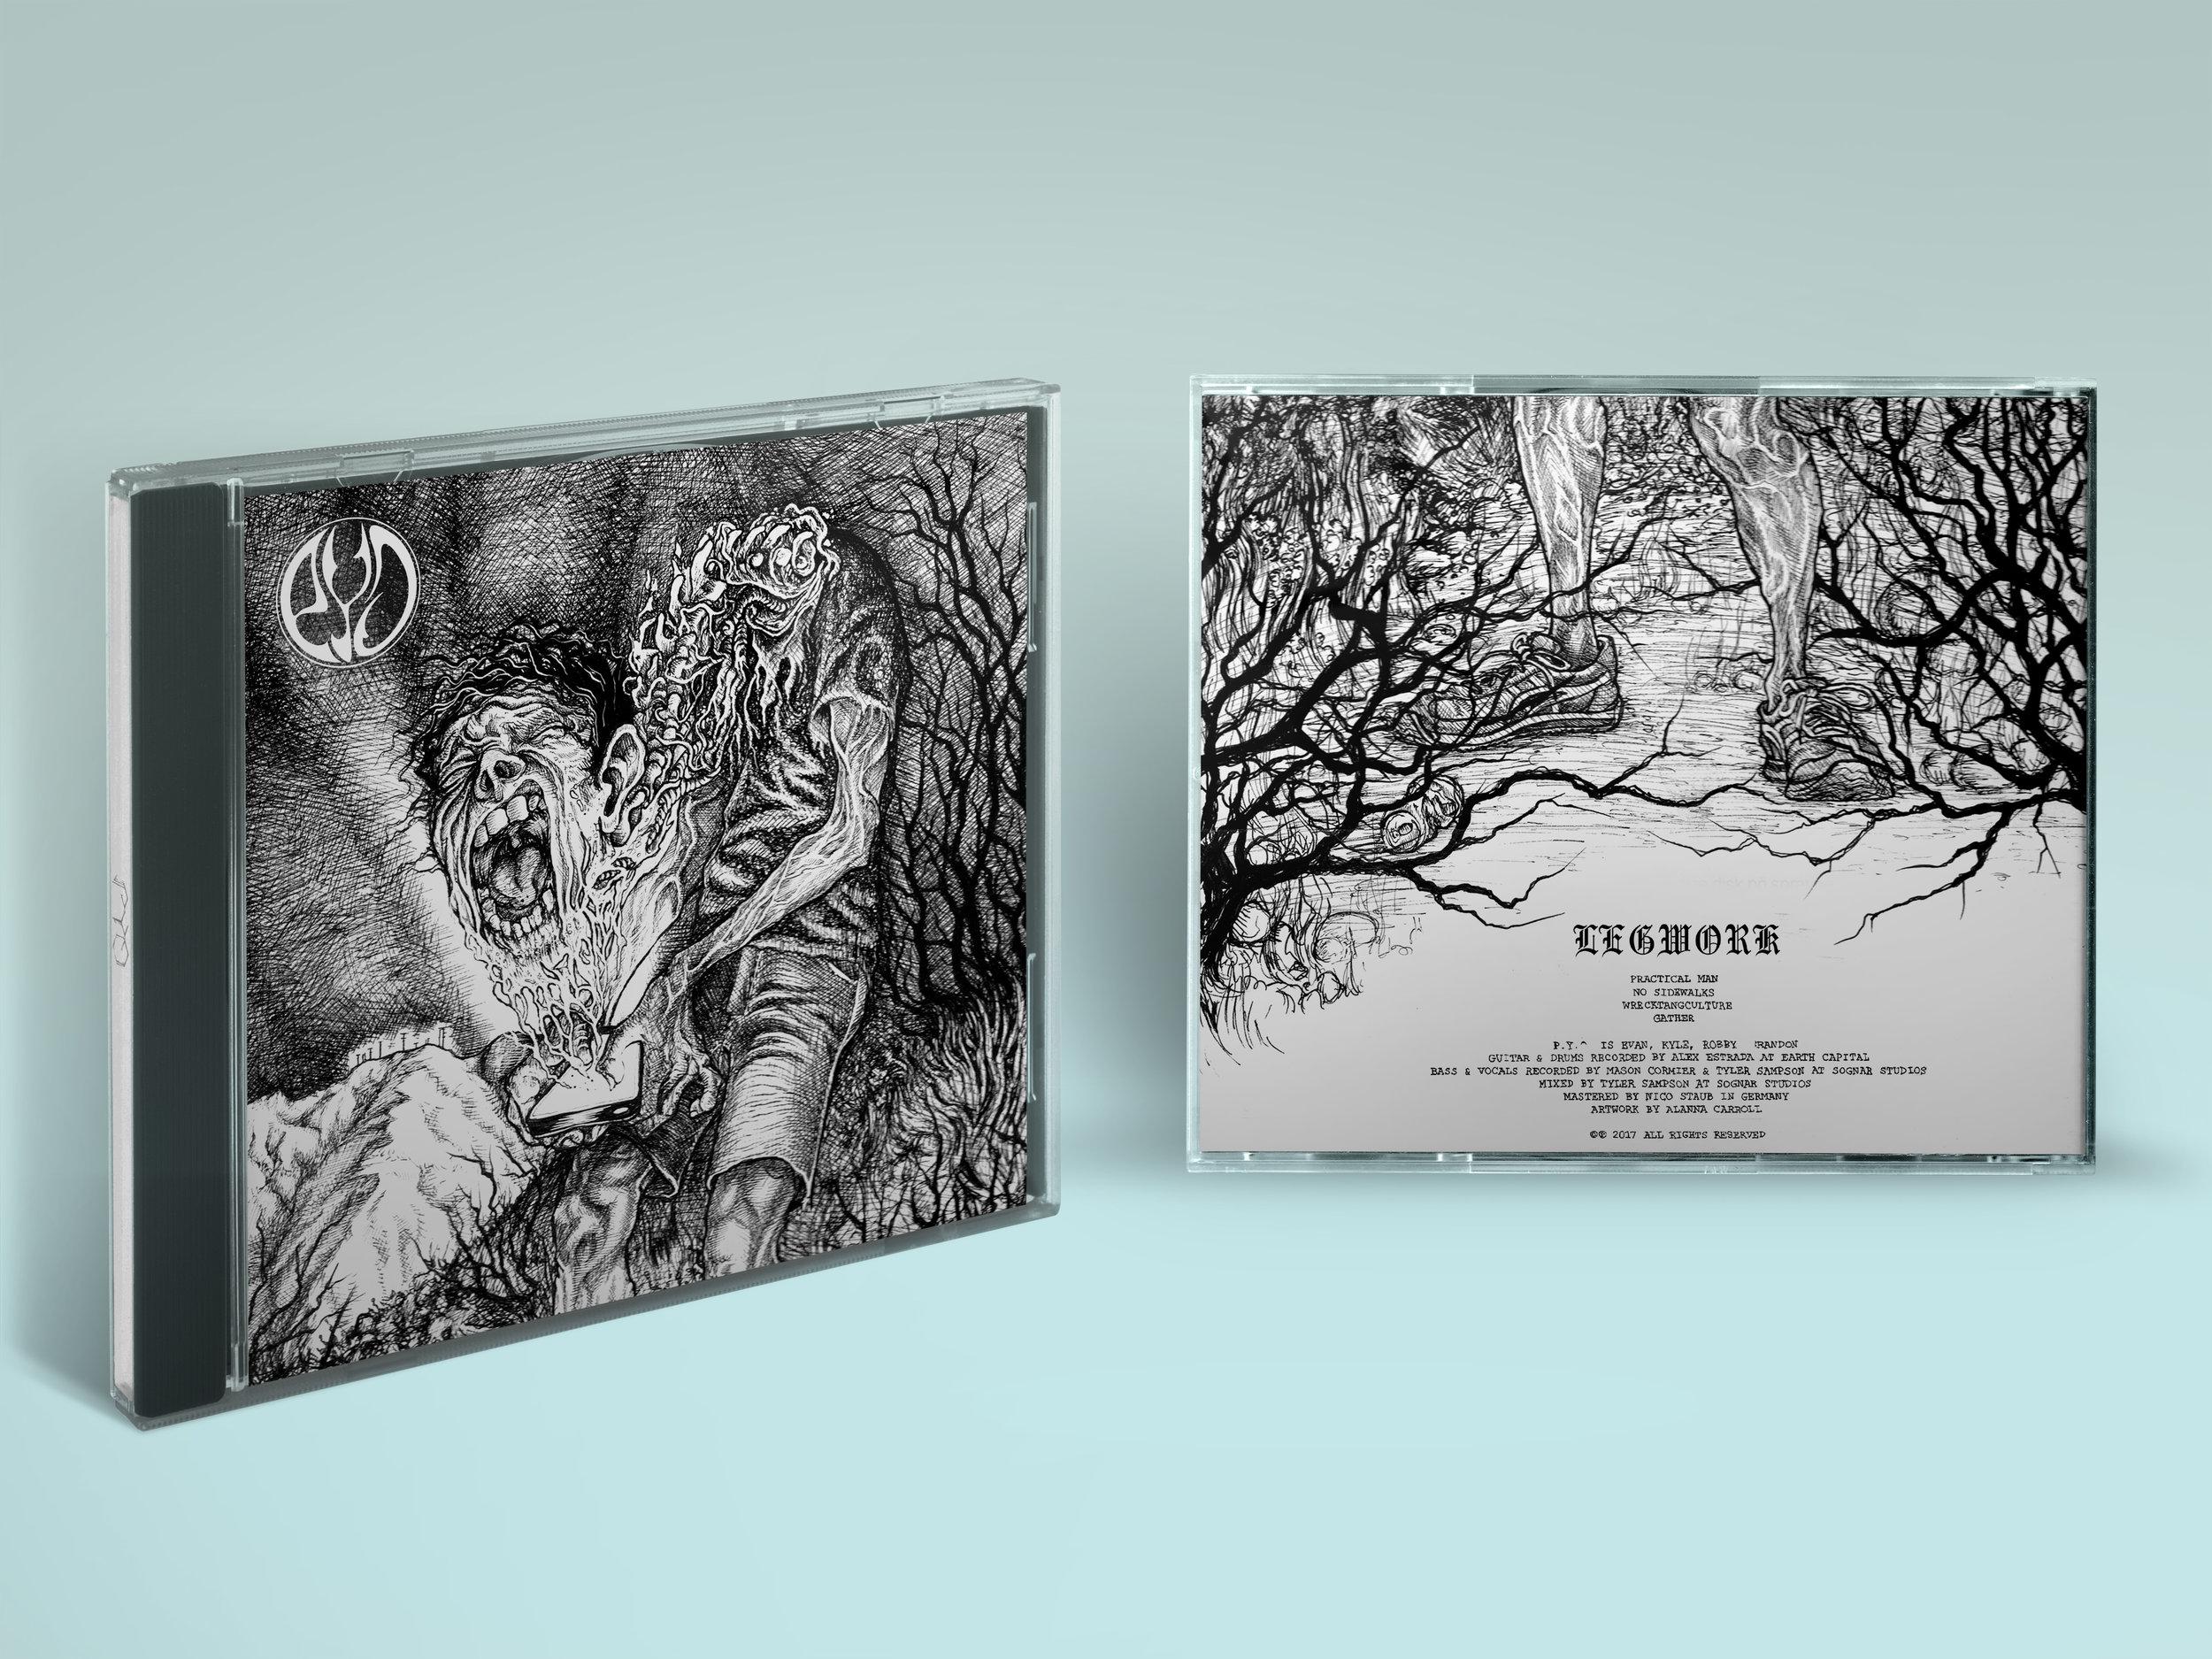 PYO Legwork album art